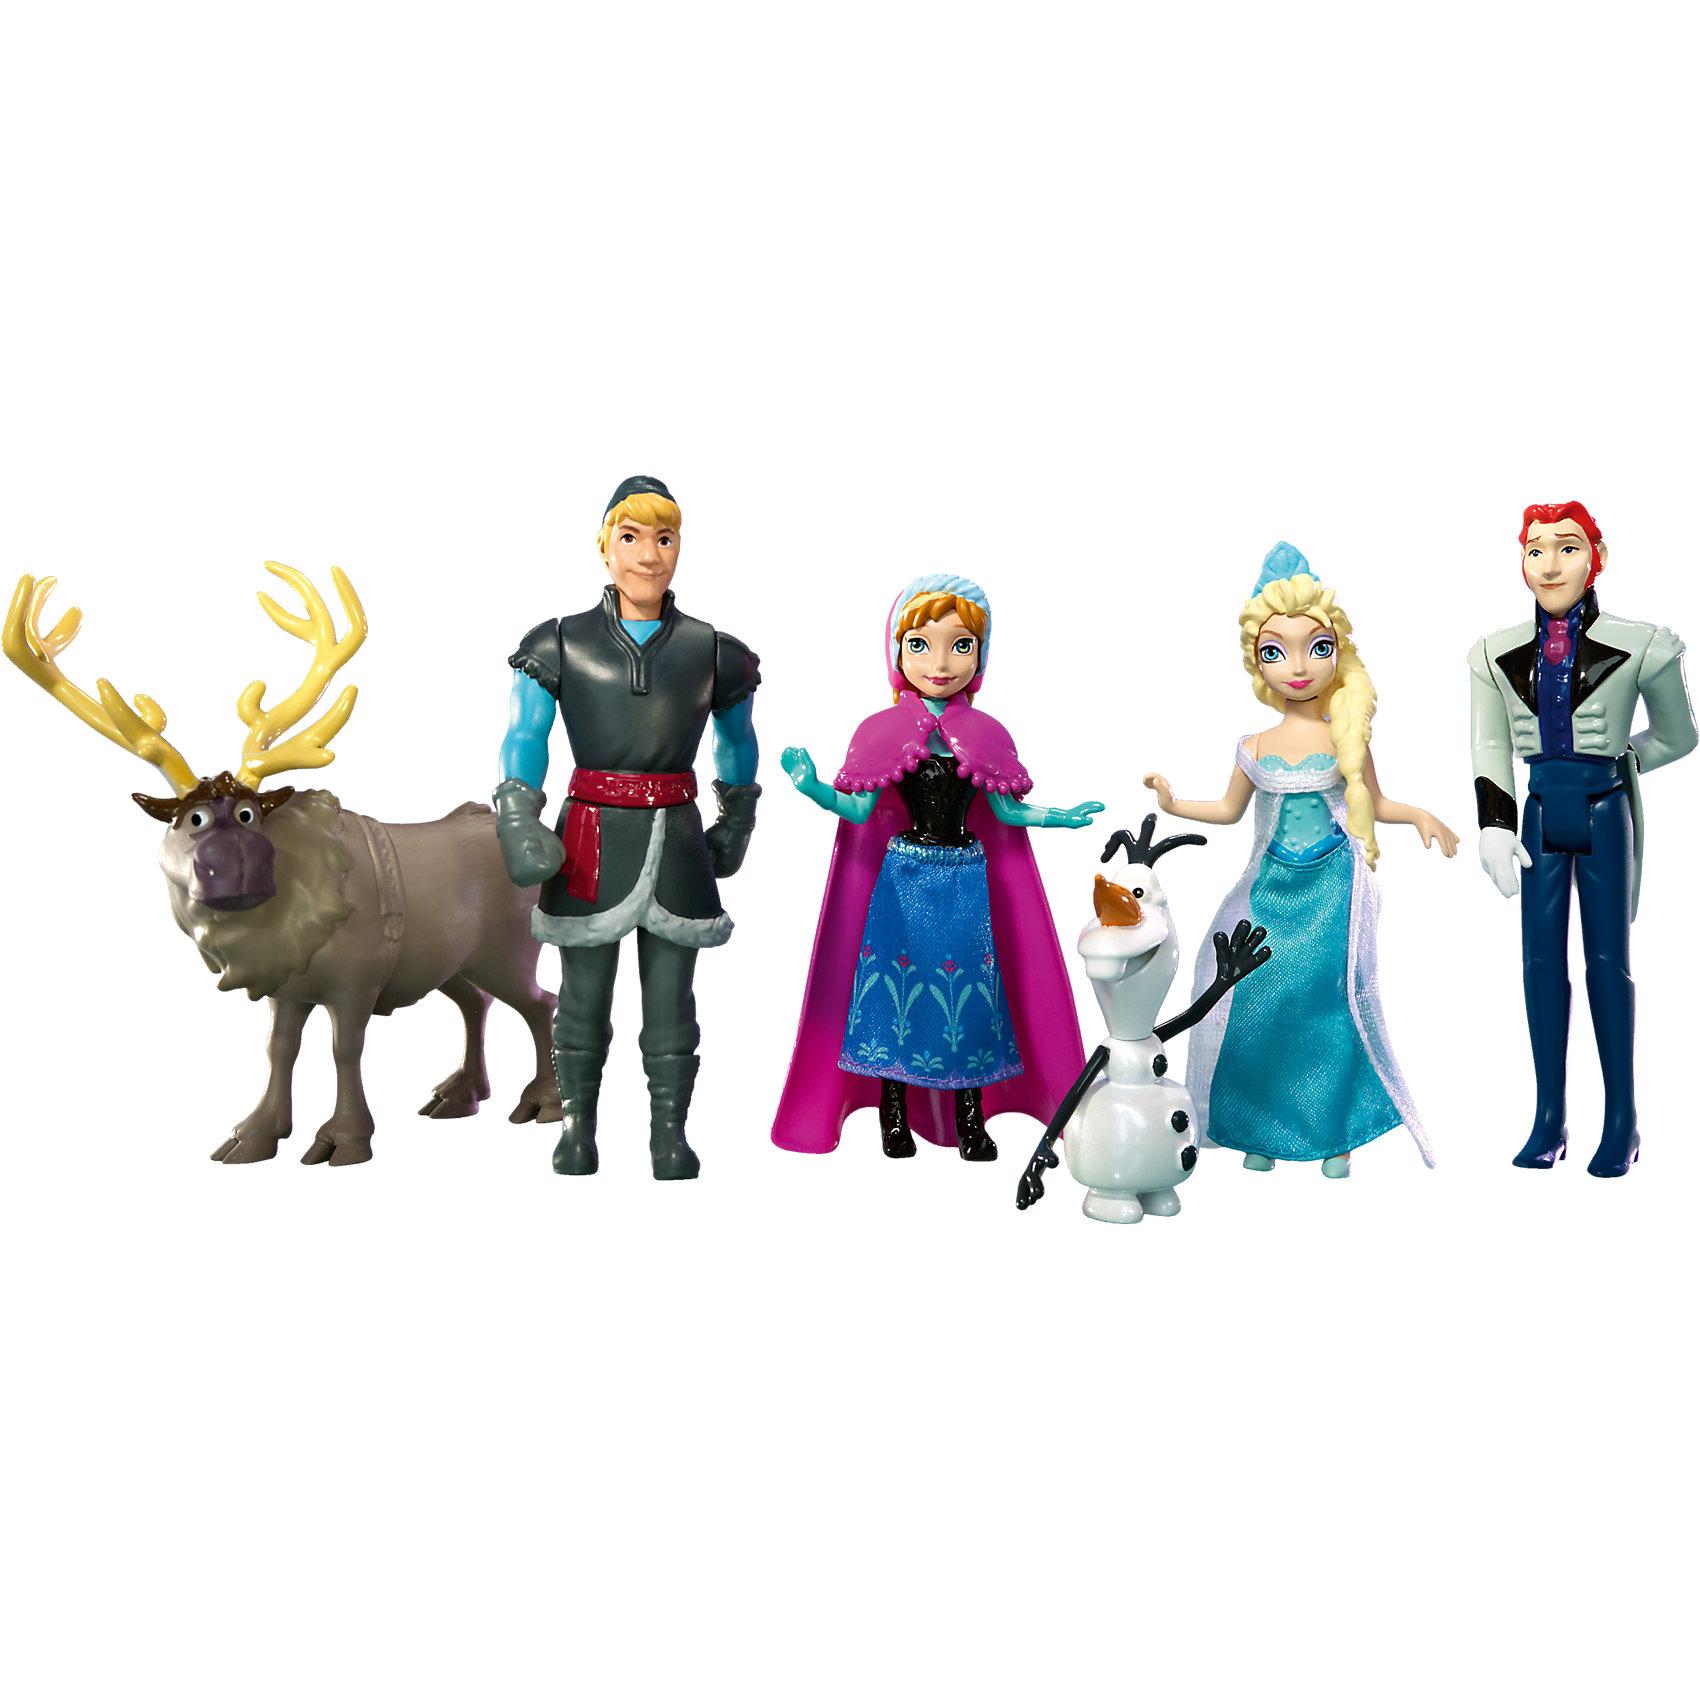 Куклы - герои м/ф Холодное сердце (Анна, Эльза, Олаф, Кристоф, Ханс, Свен), Принцессы Дисней